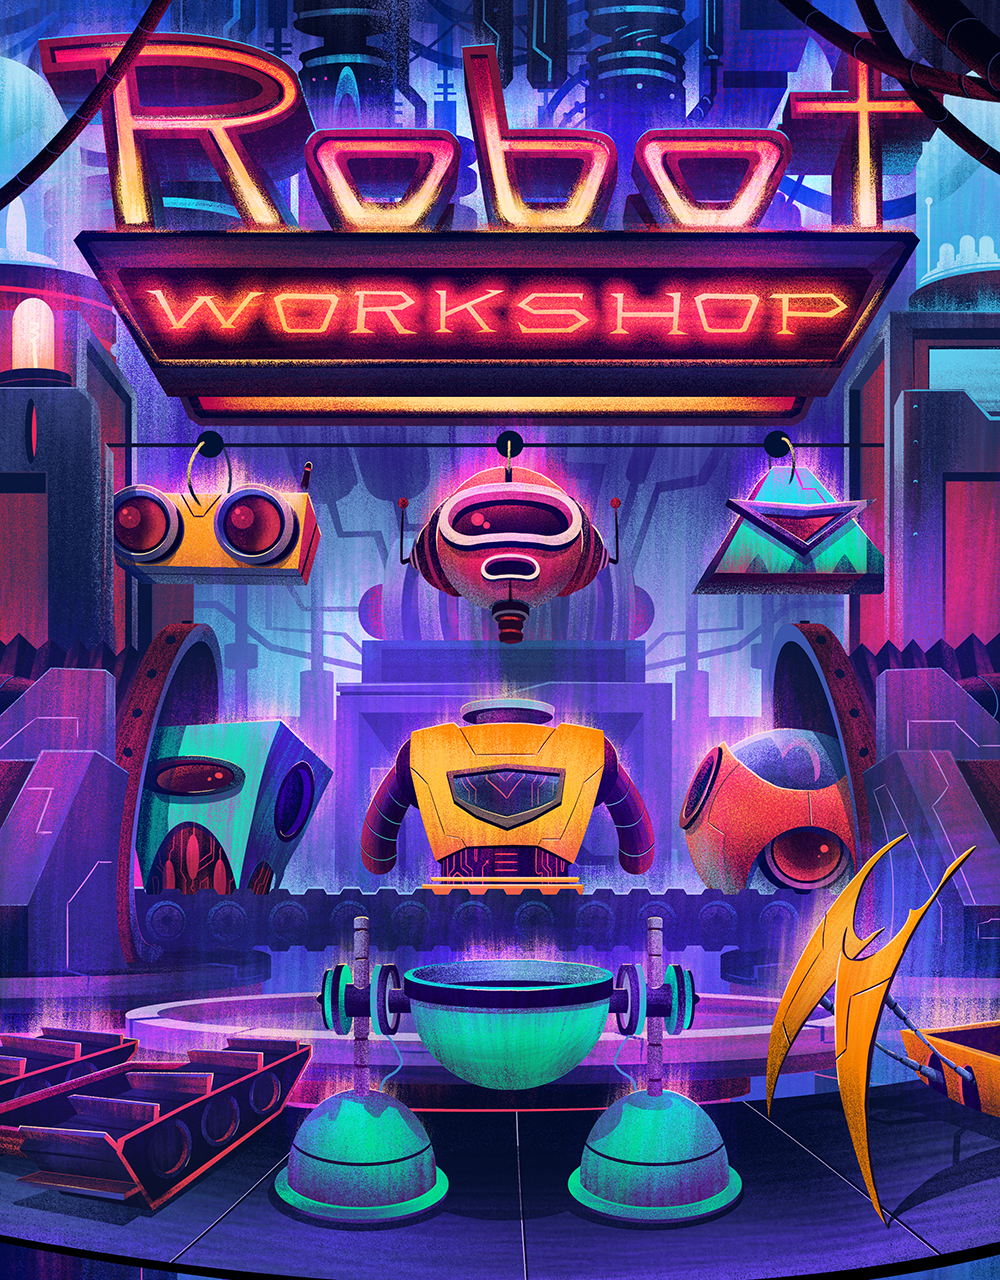 Robot Workshop ·   2014 ·  Cover